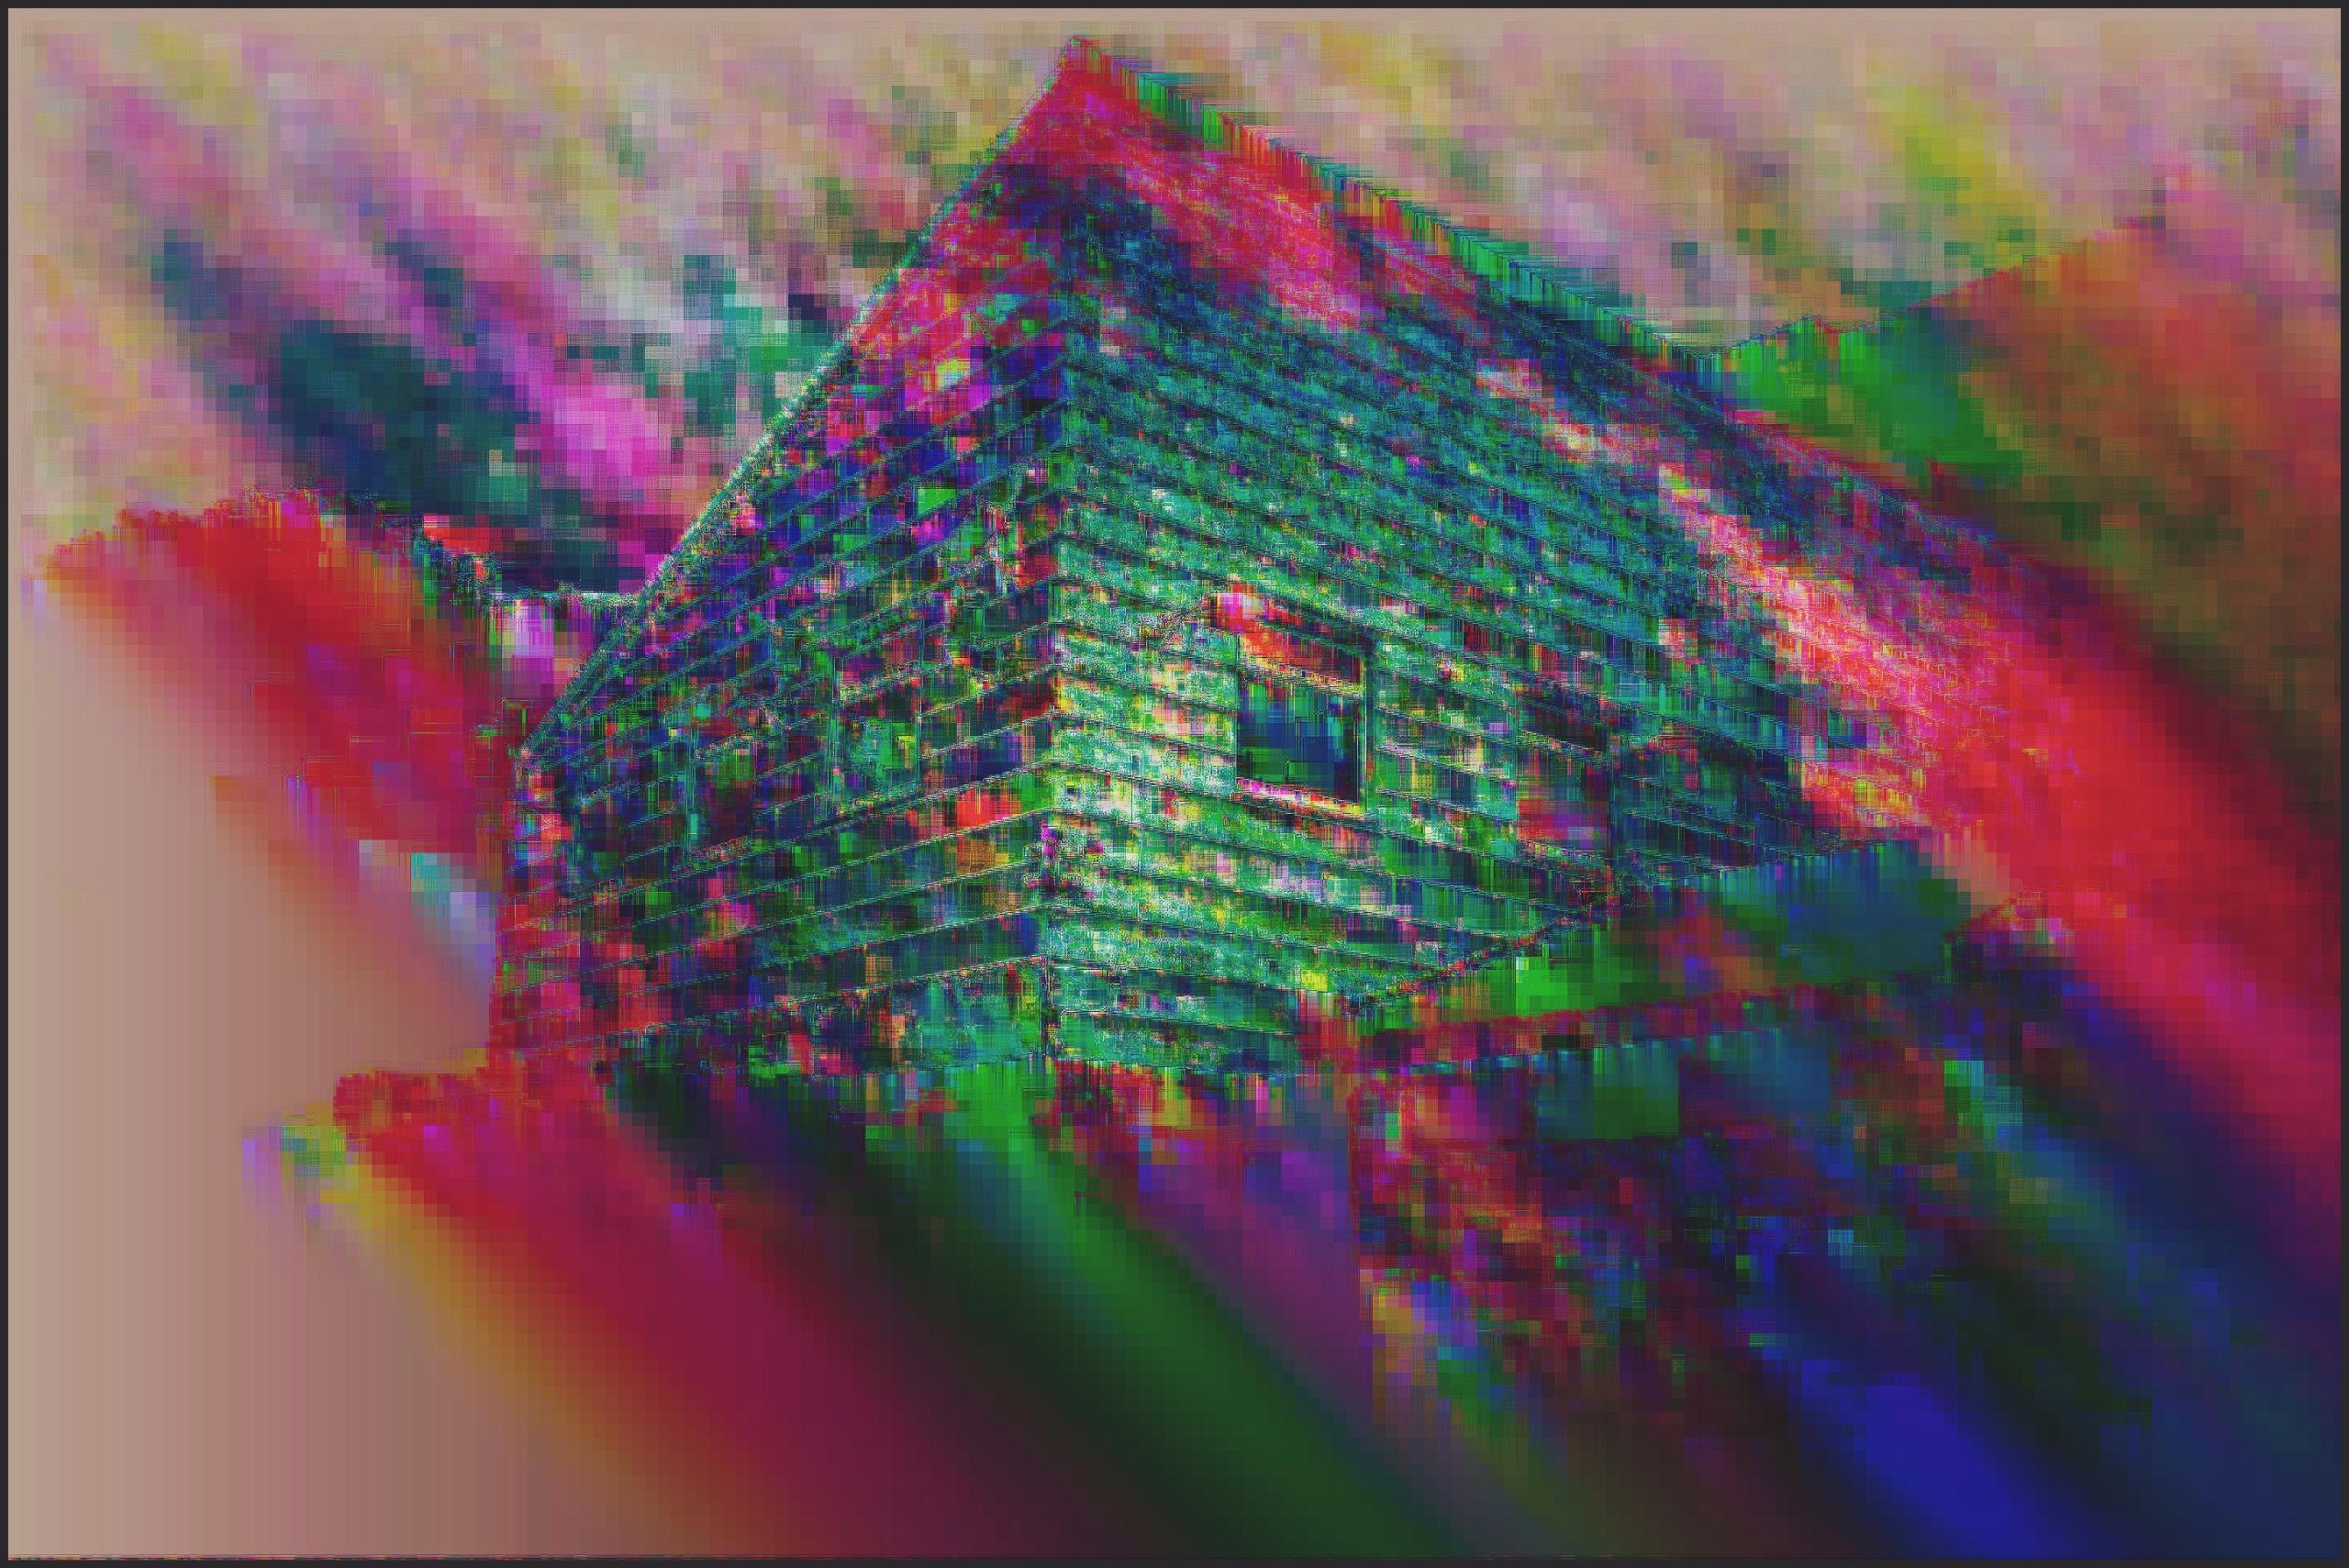 Mind Dark Full Errors 56 - glitch - fivetimesno | ello